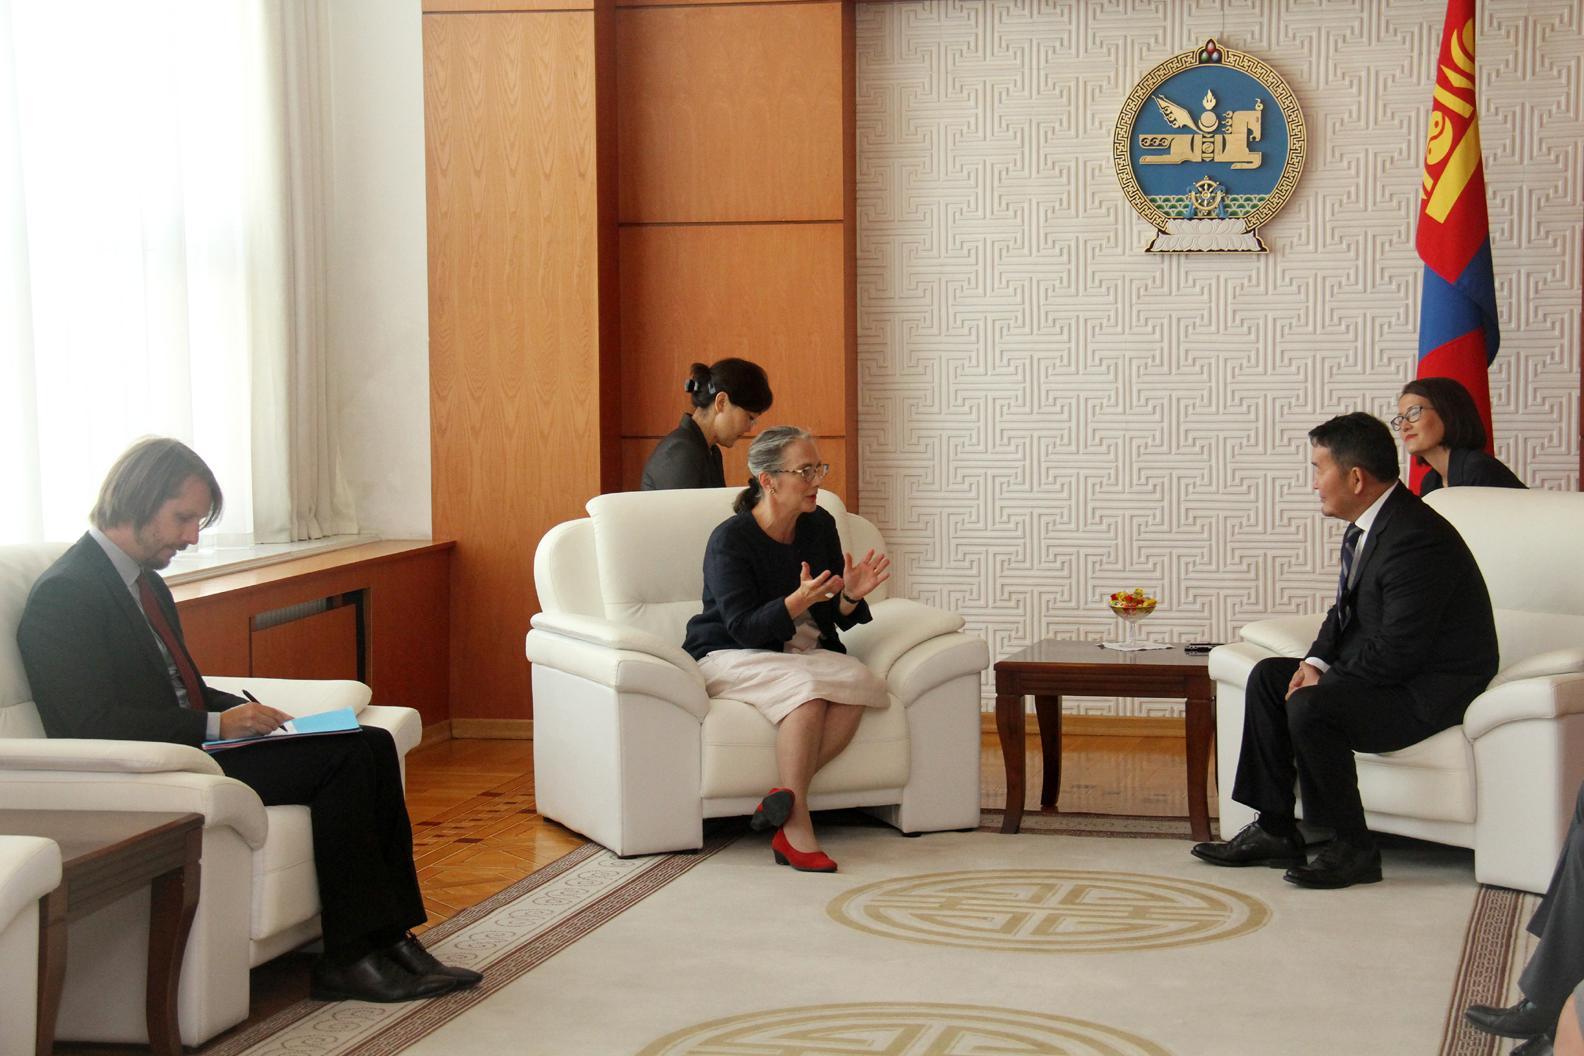 Х.Баттулга: Монгол, Францын эдийн засгийн харилцаа жил жилээр буурч байна